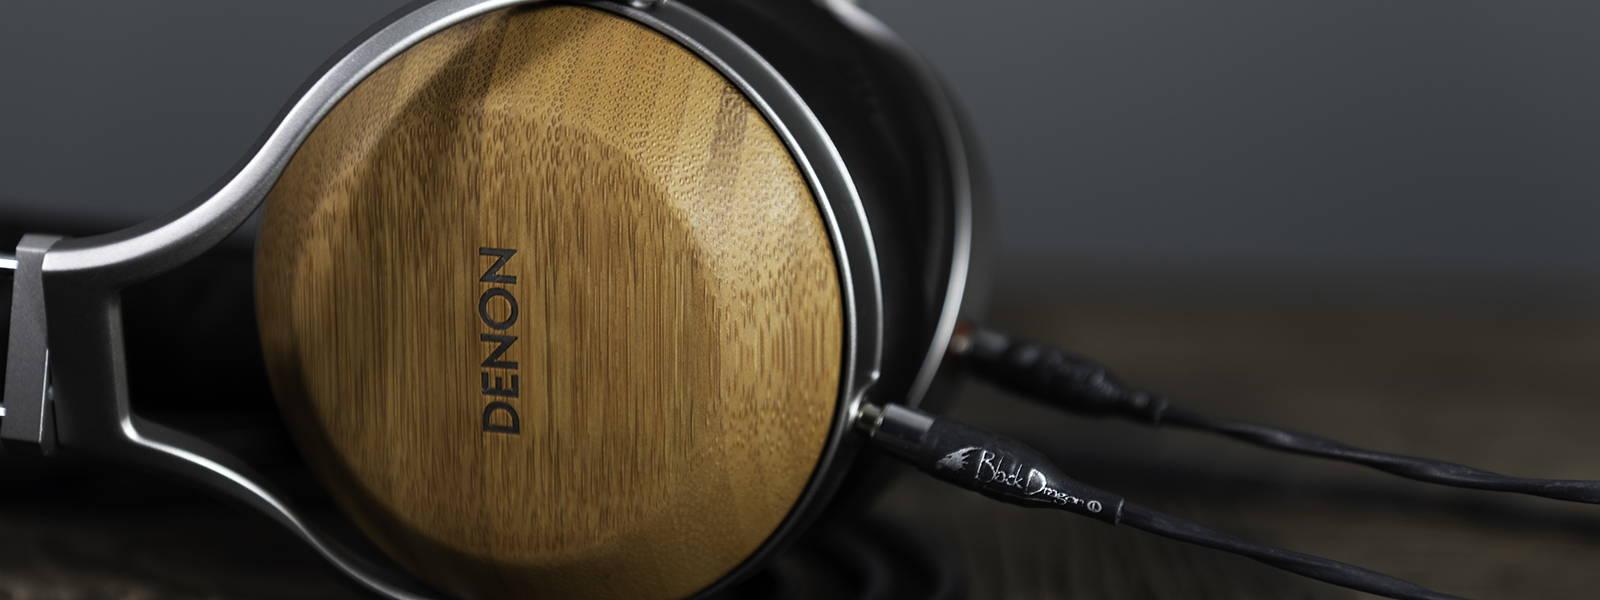 Denon 9200 with Black Dragon Cable